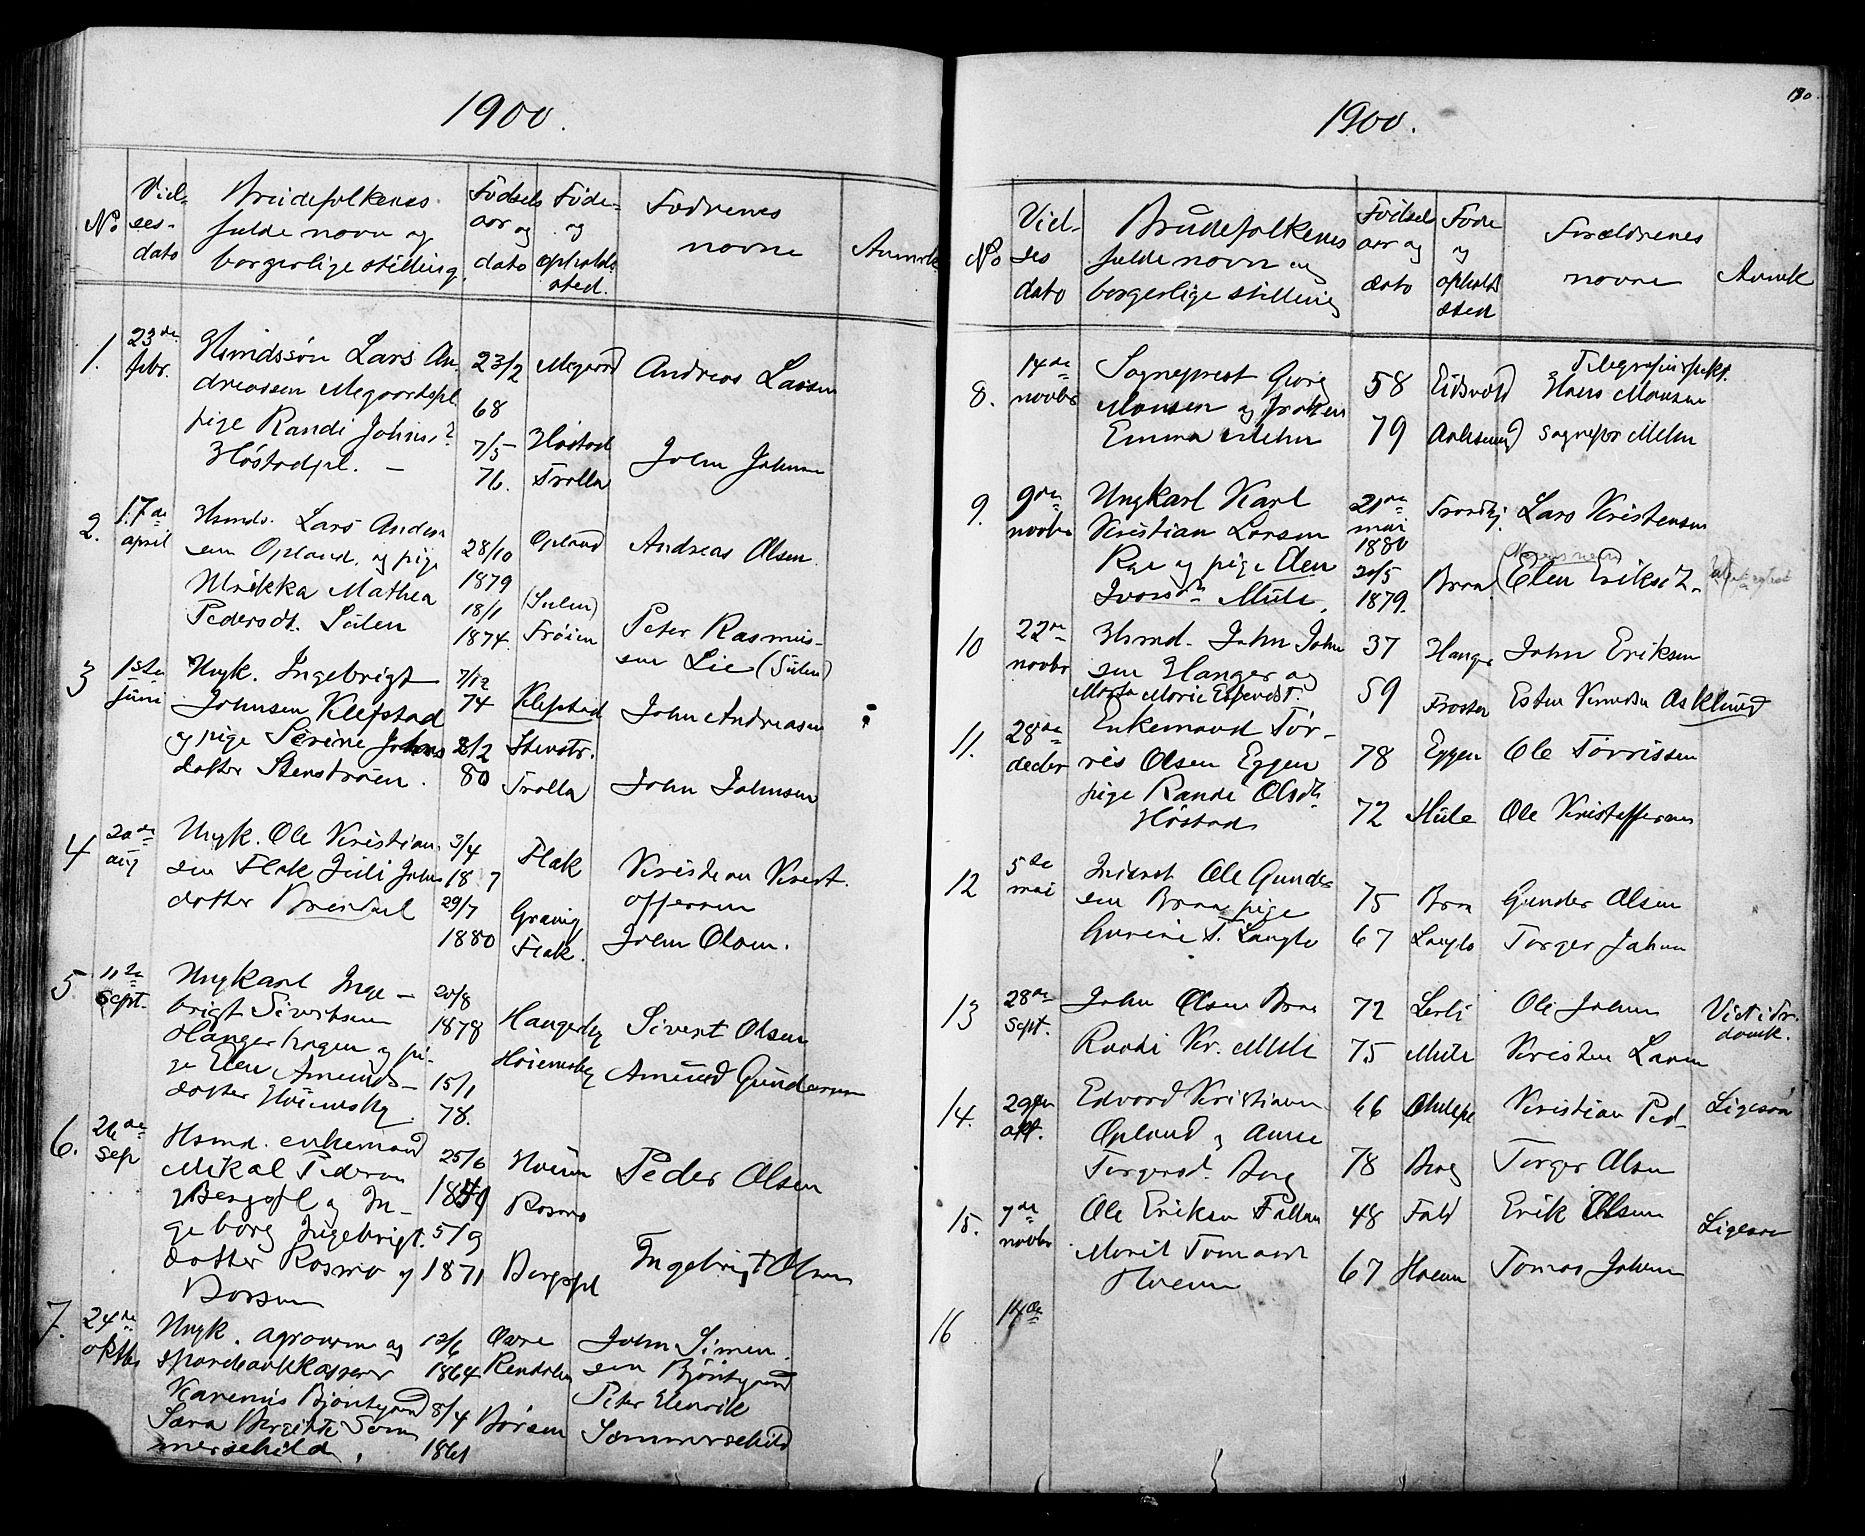 SAT, Ministerialprotokoller, klokkerbøker og fødselsregistre - Sør-Trøndelag, 612/L0387: Klokkerbok nr. 612C03, 1874-1908, s. 190